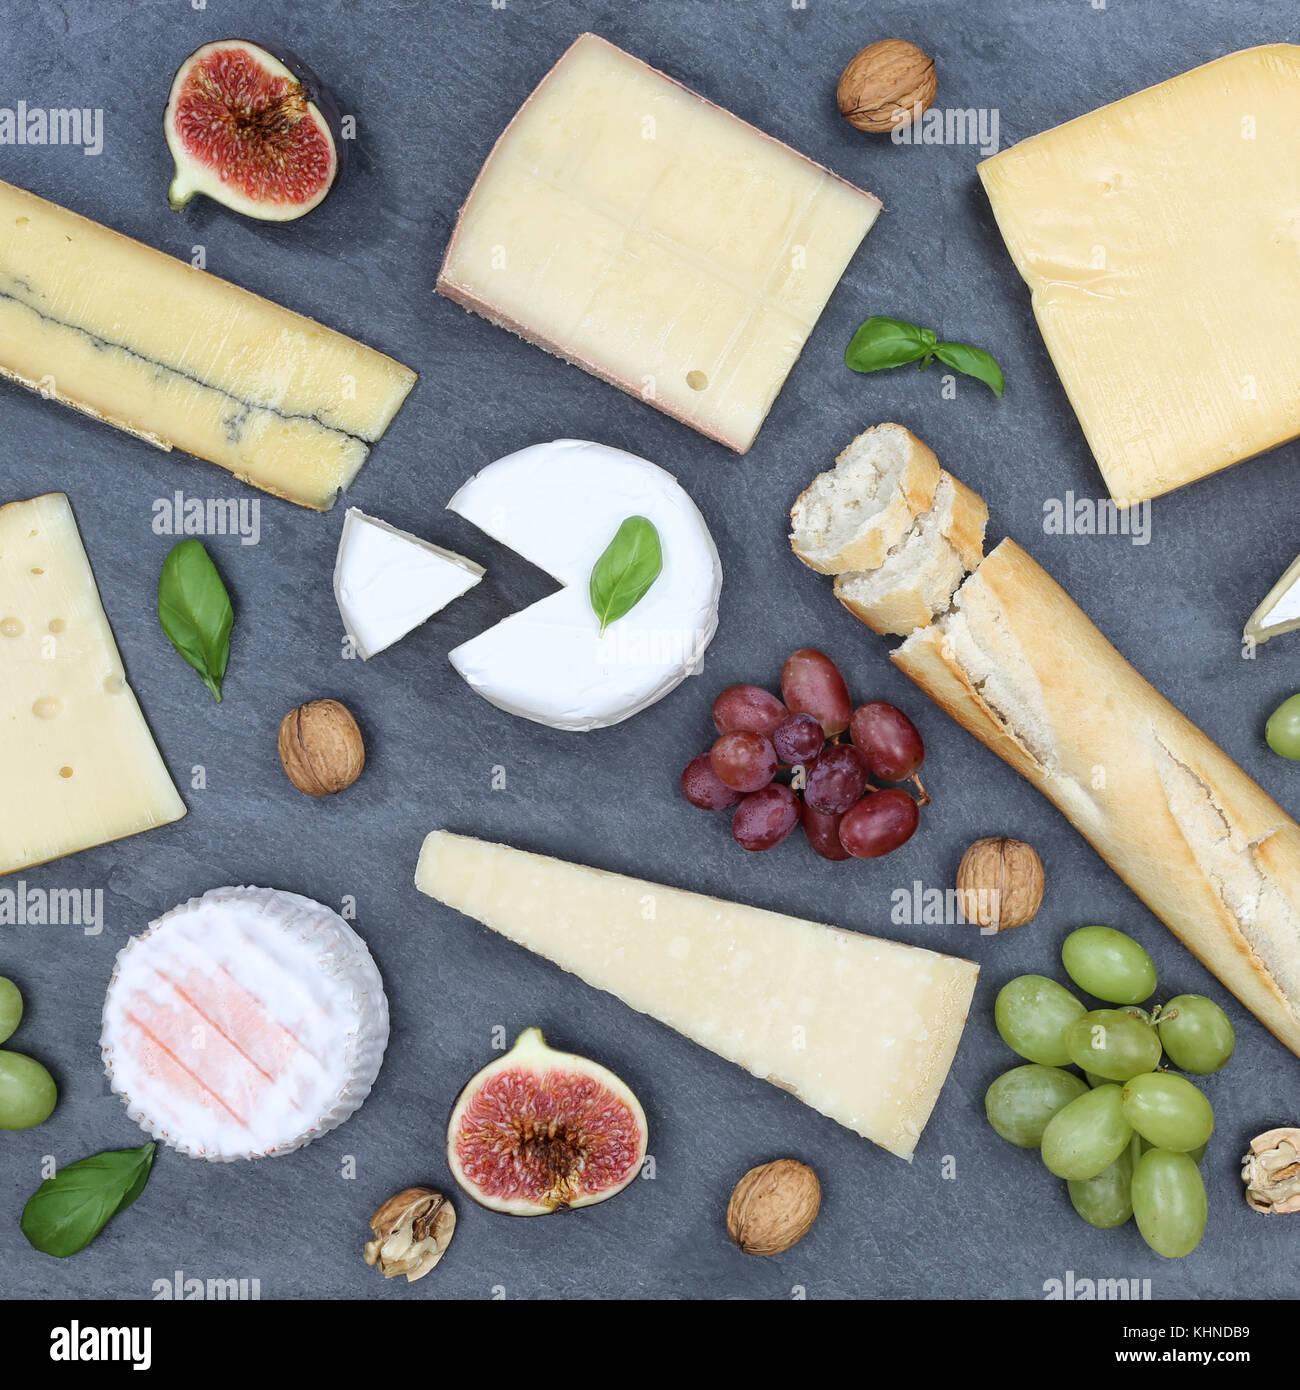 Plateau de fromages camembert pain suisse plaque ardoise carré haut Vue de dessus Photo Stock